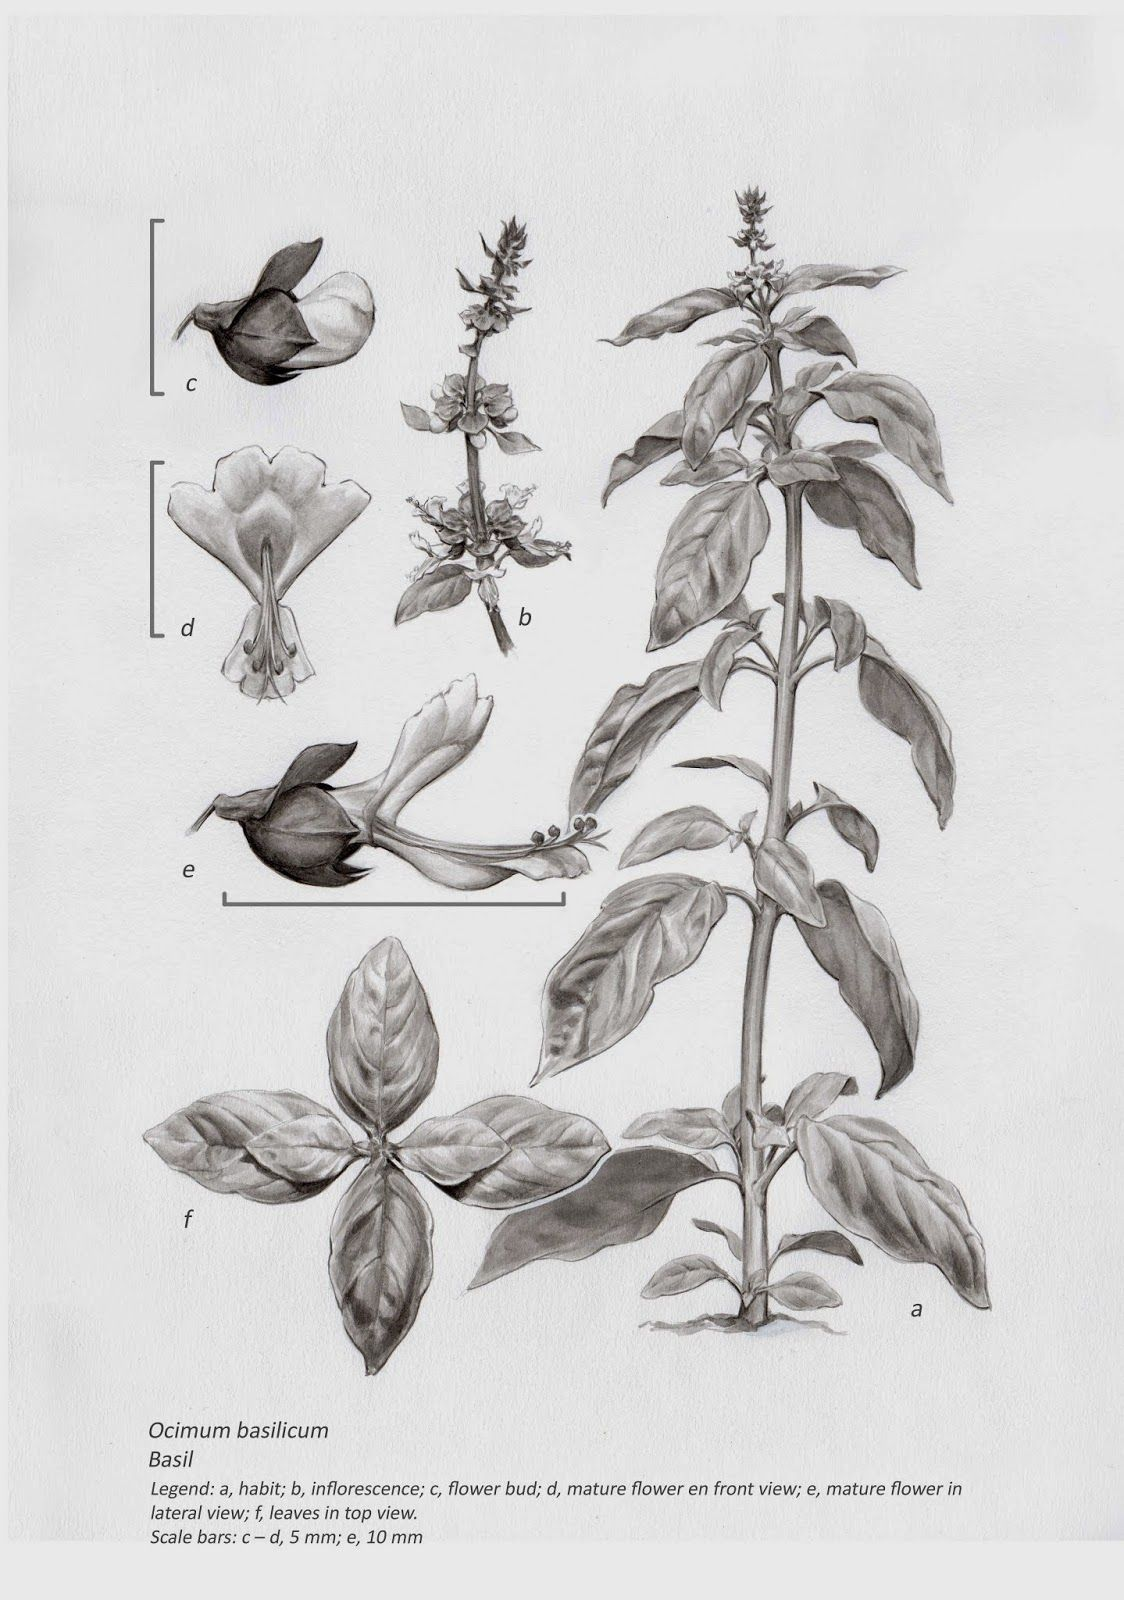 Il Lustraciencia Italo Ahumada Morasky Ocimum Basilicum Disegni Botanici Botanica Disegni